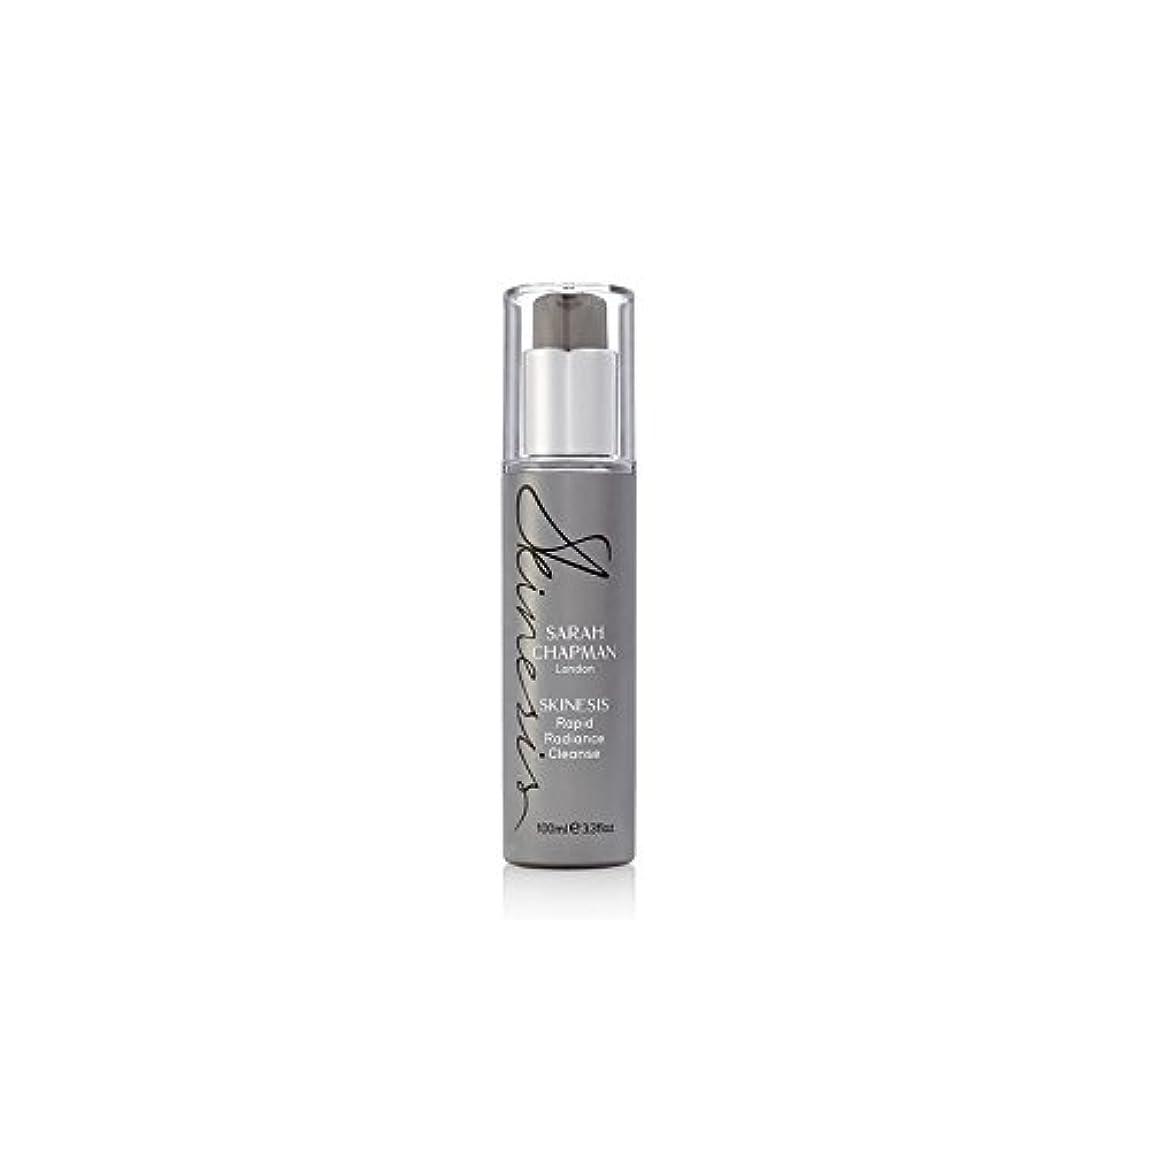 中傷注入するタービンSarah Chapman Skinesis Rapid Radiance Cleanse (100ml) (Pack of 6) - サラ?チャップマン迅速な輝きの浄化(100ミリリットル) x6 [並行輸入品]